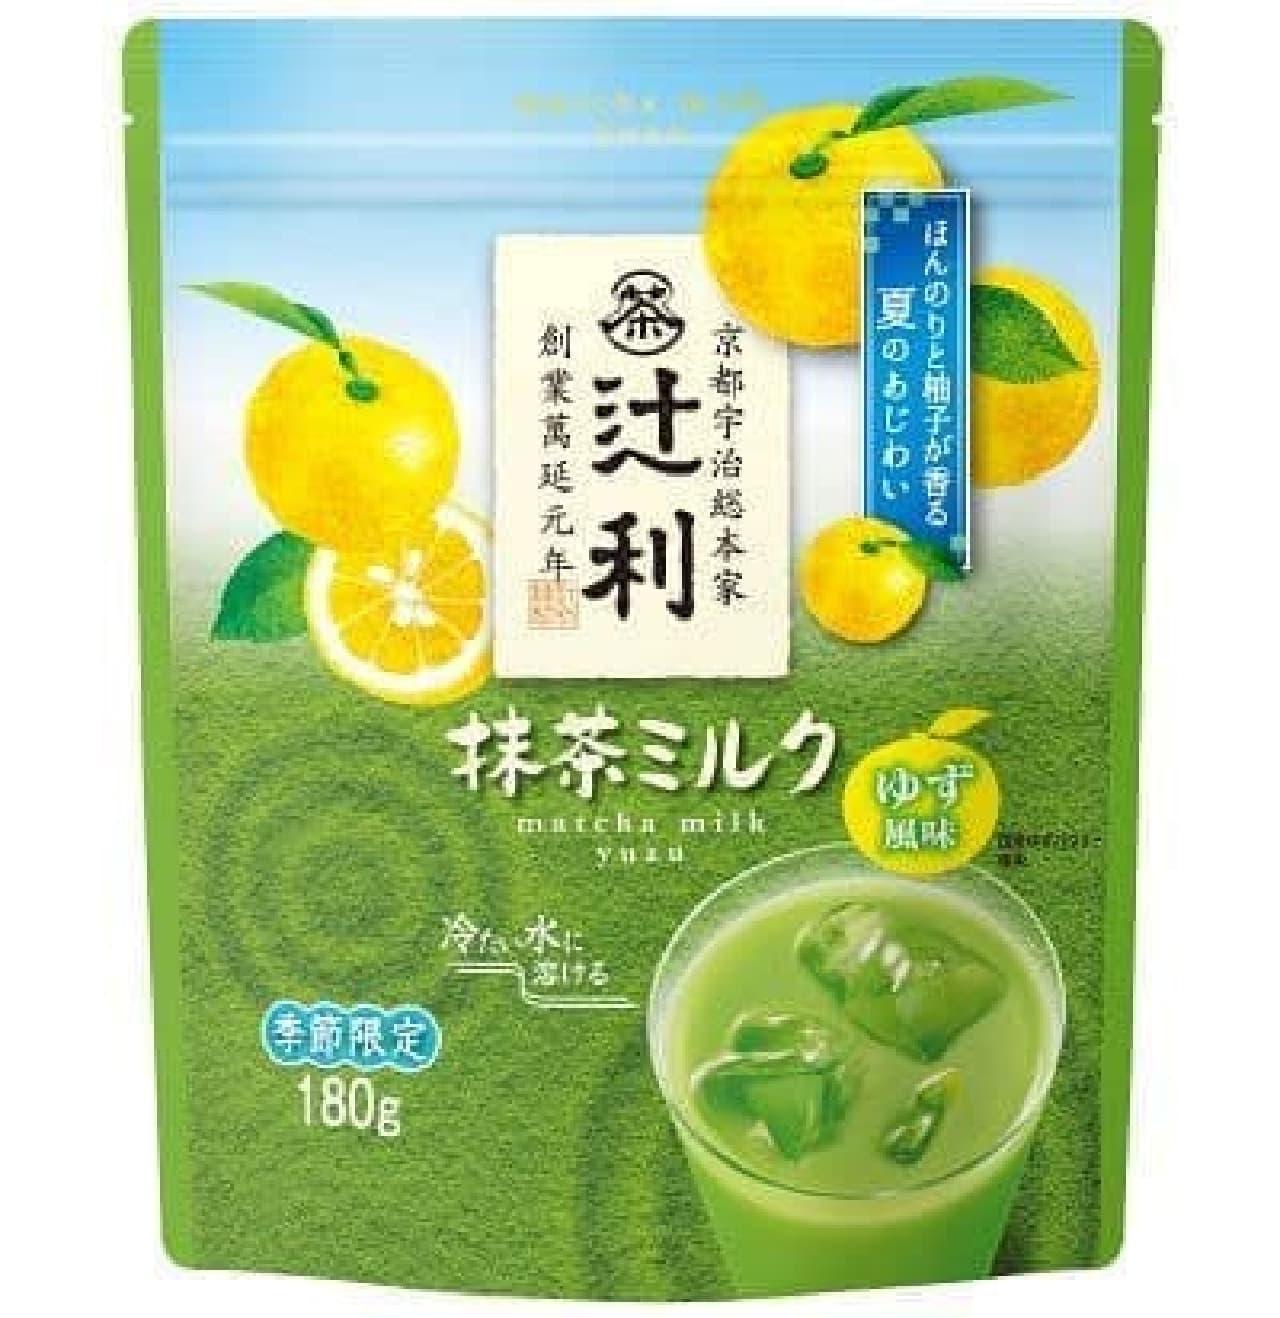 <辻利>抹茶ミルク ゆず風味